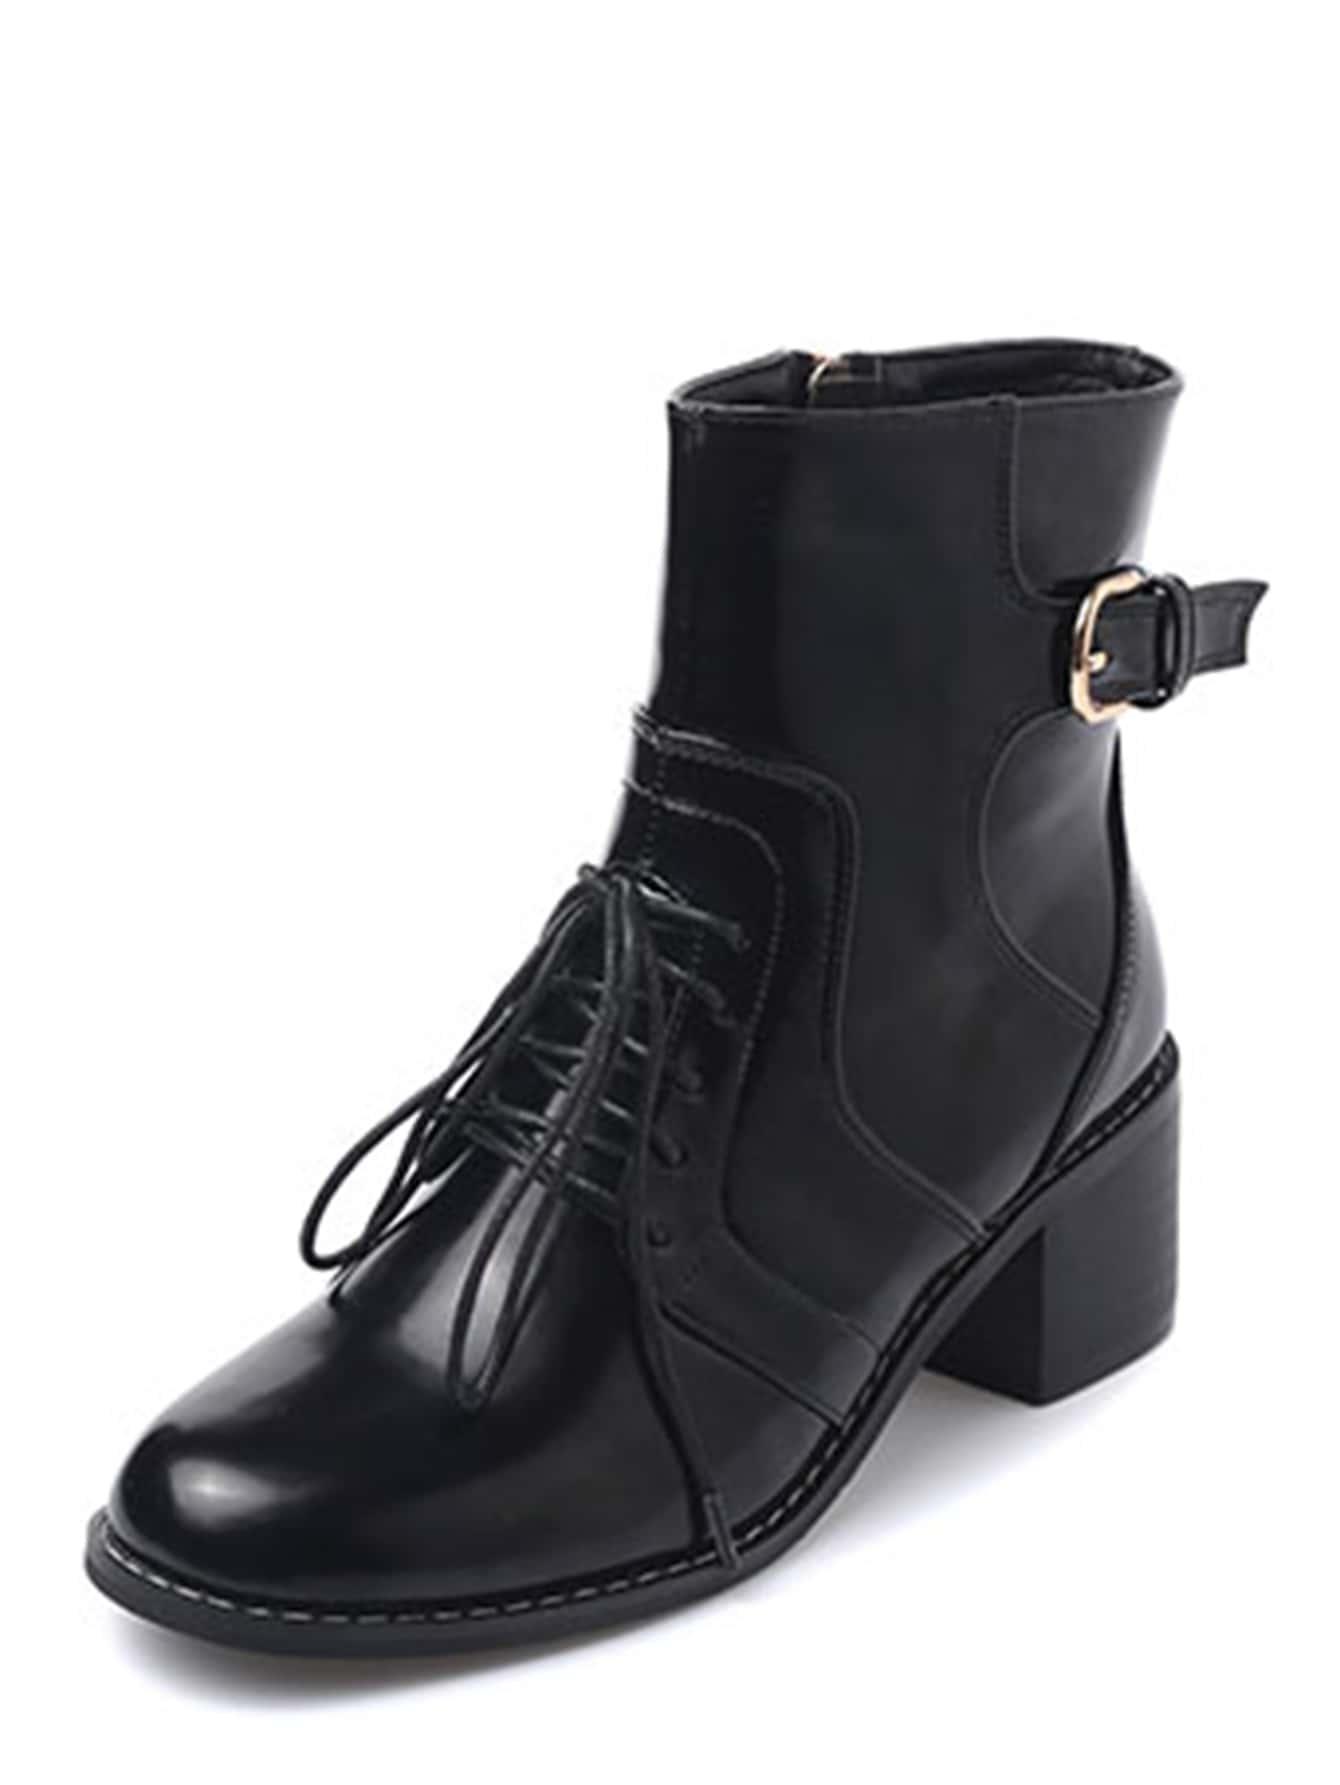 shoes161007808_2